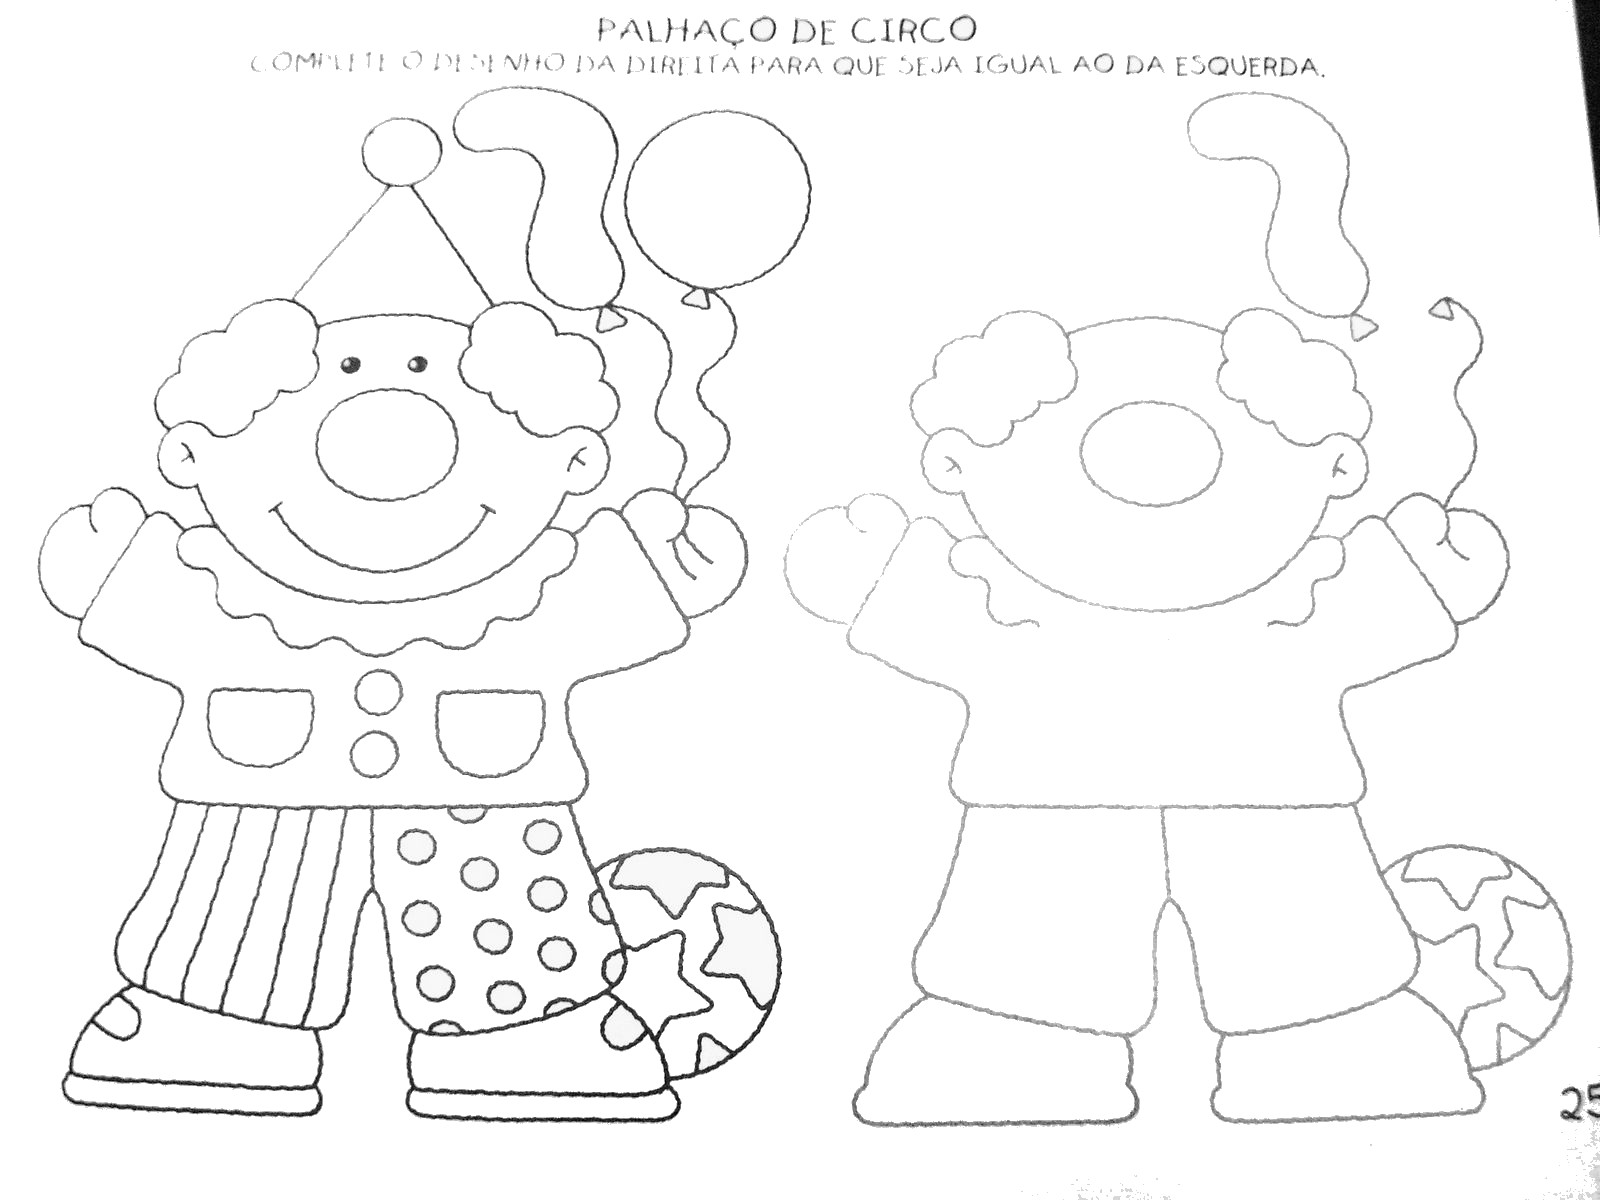 Correspondências e outras actividades  ALFABETIZACAO+INFANTIL+DESENHOS+E+ATIVIDADES+944